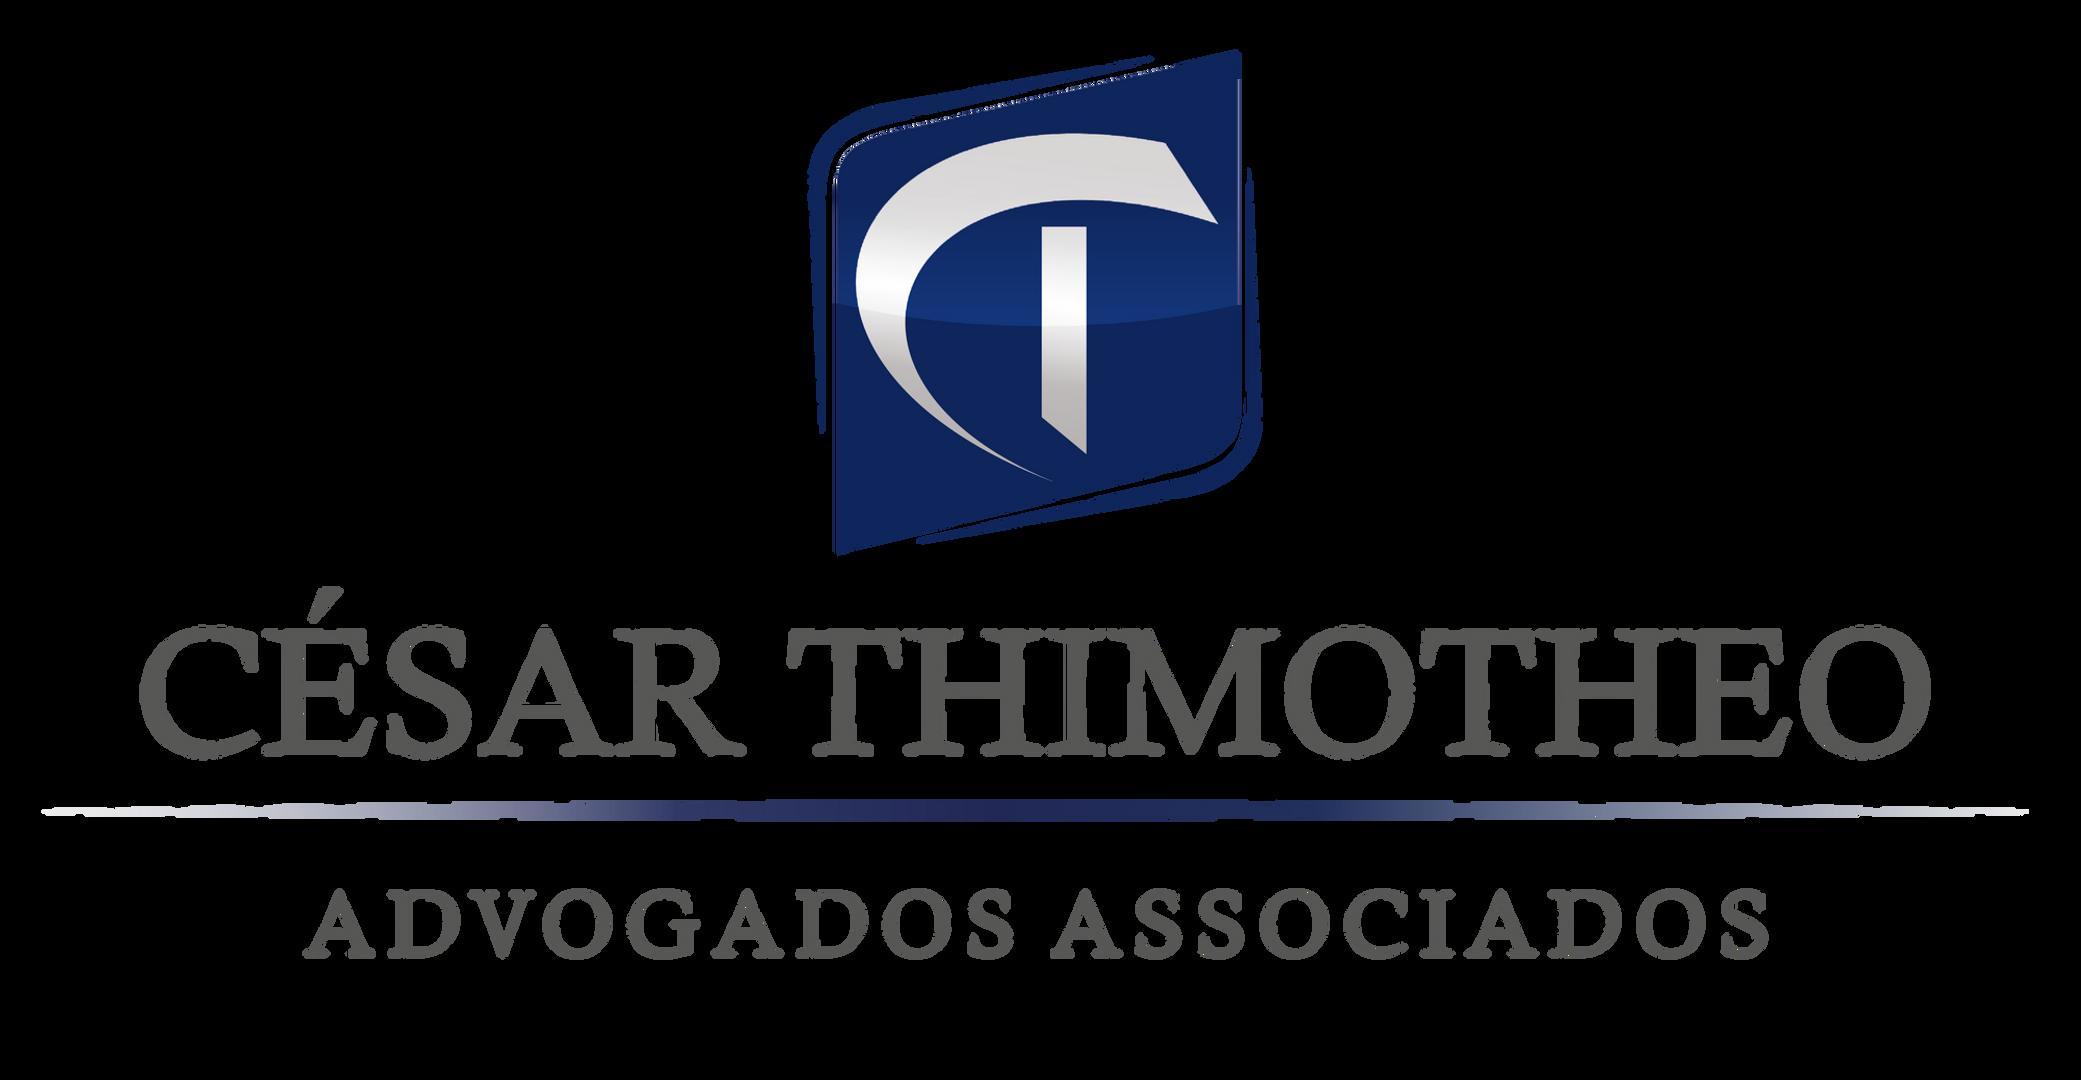 César Thimotheo - Advogados Associados